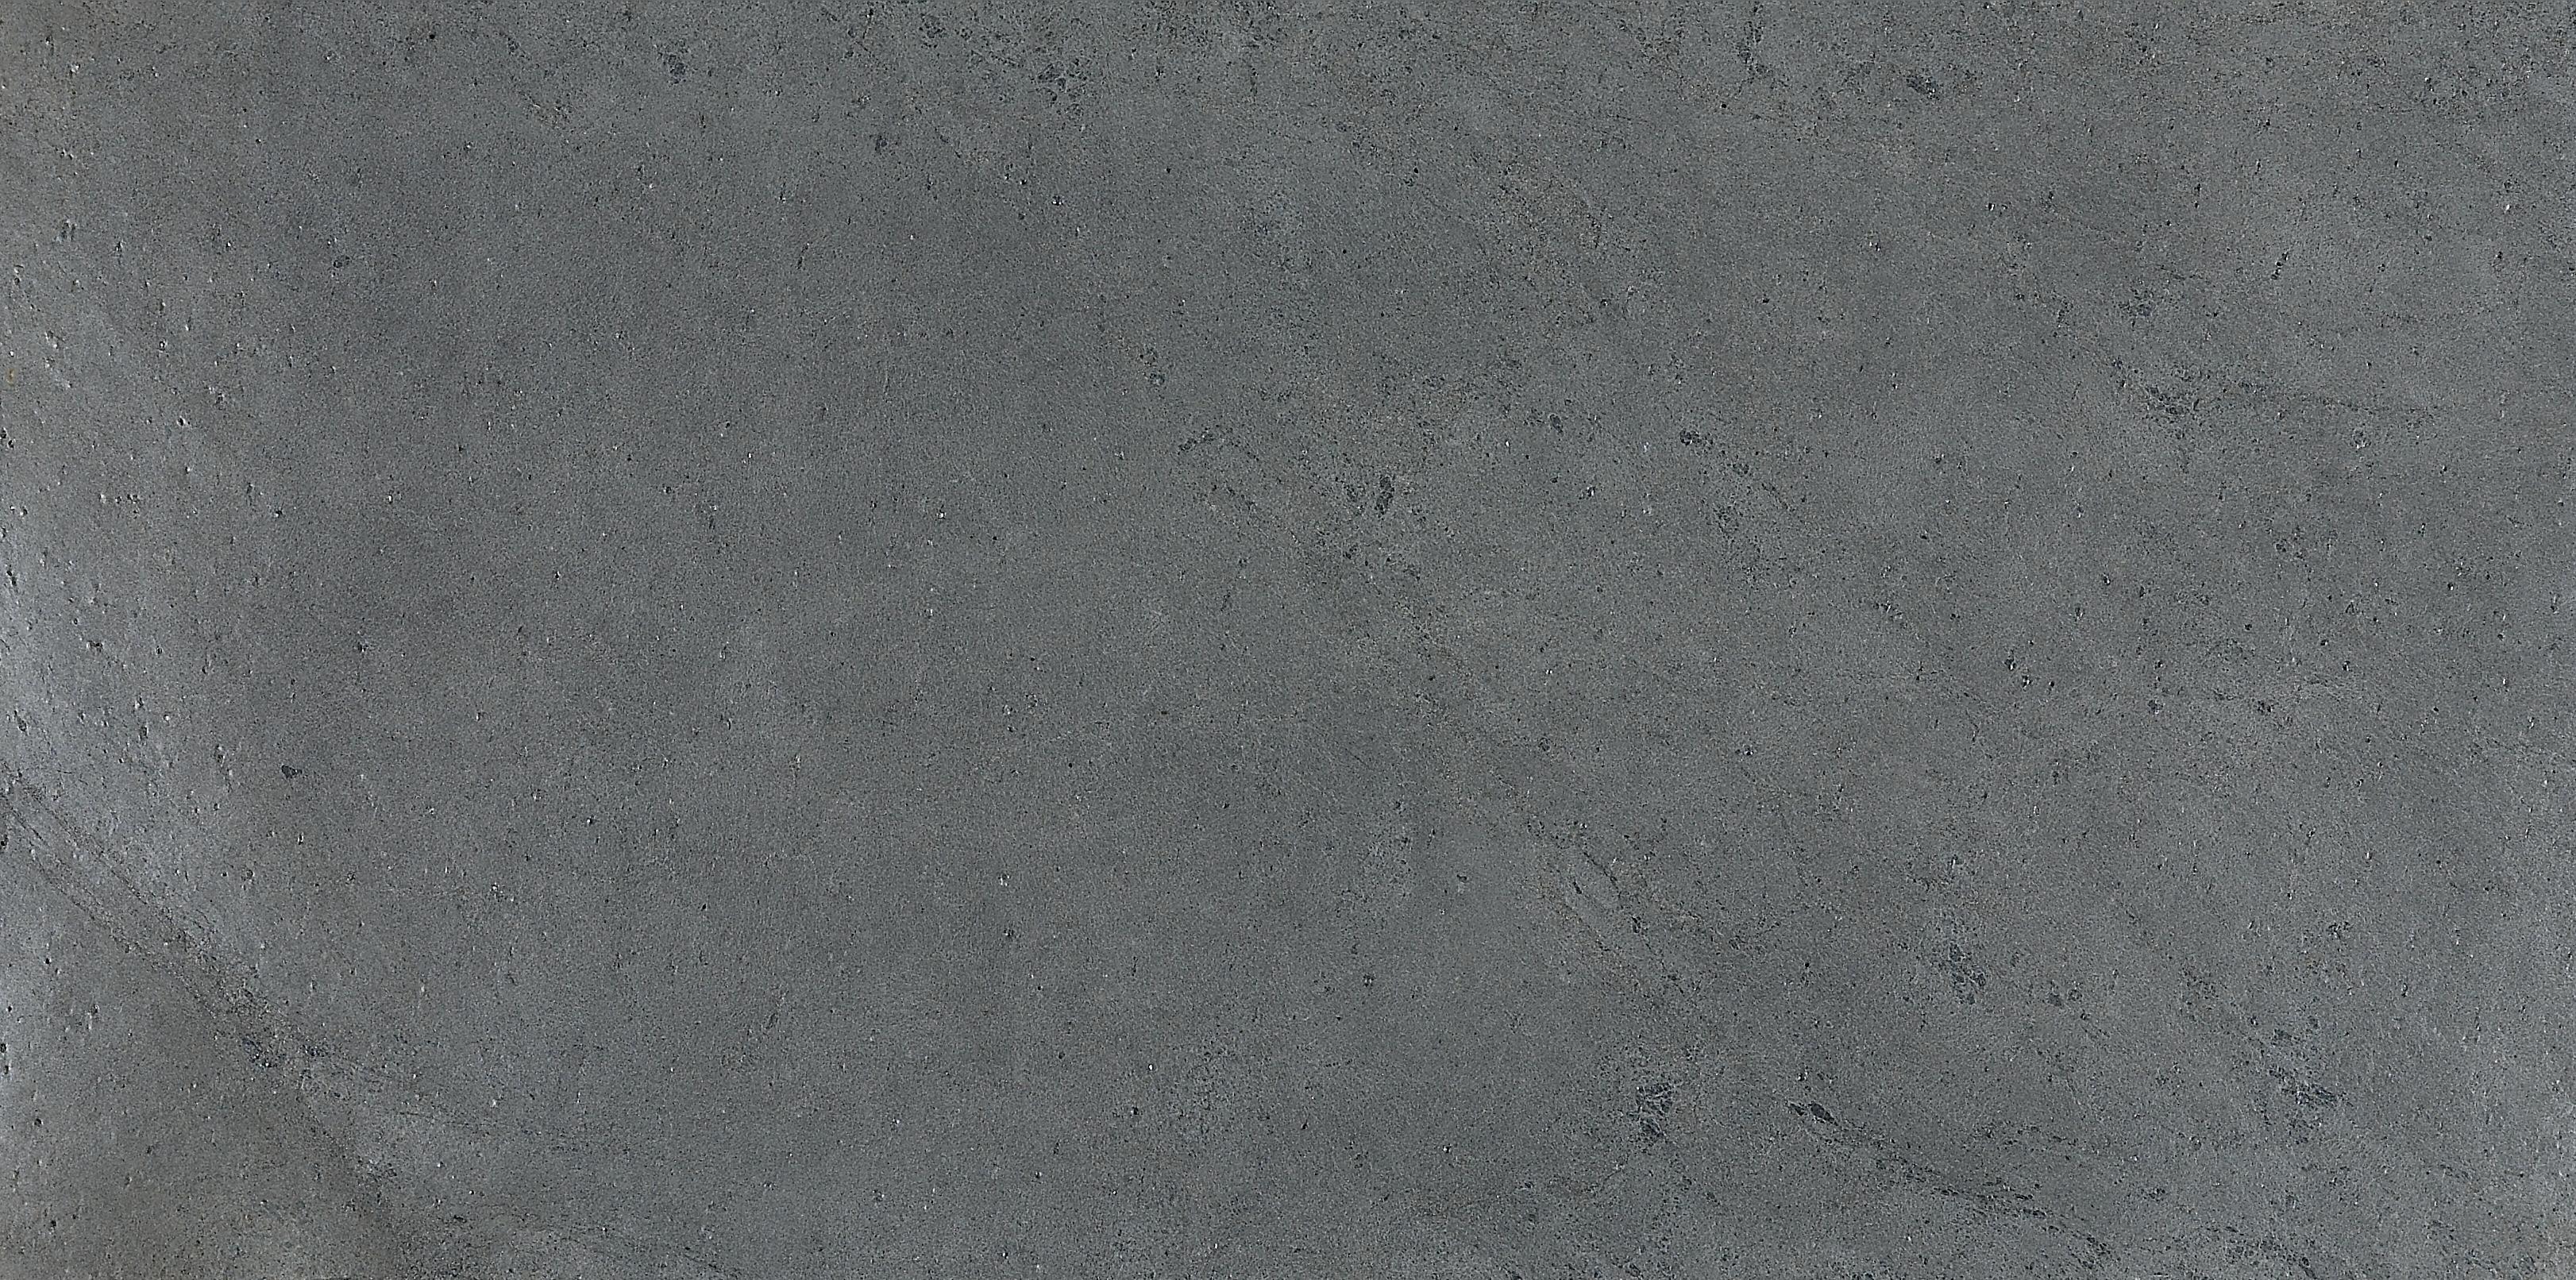 OCEAN BLACK 01.jpg